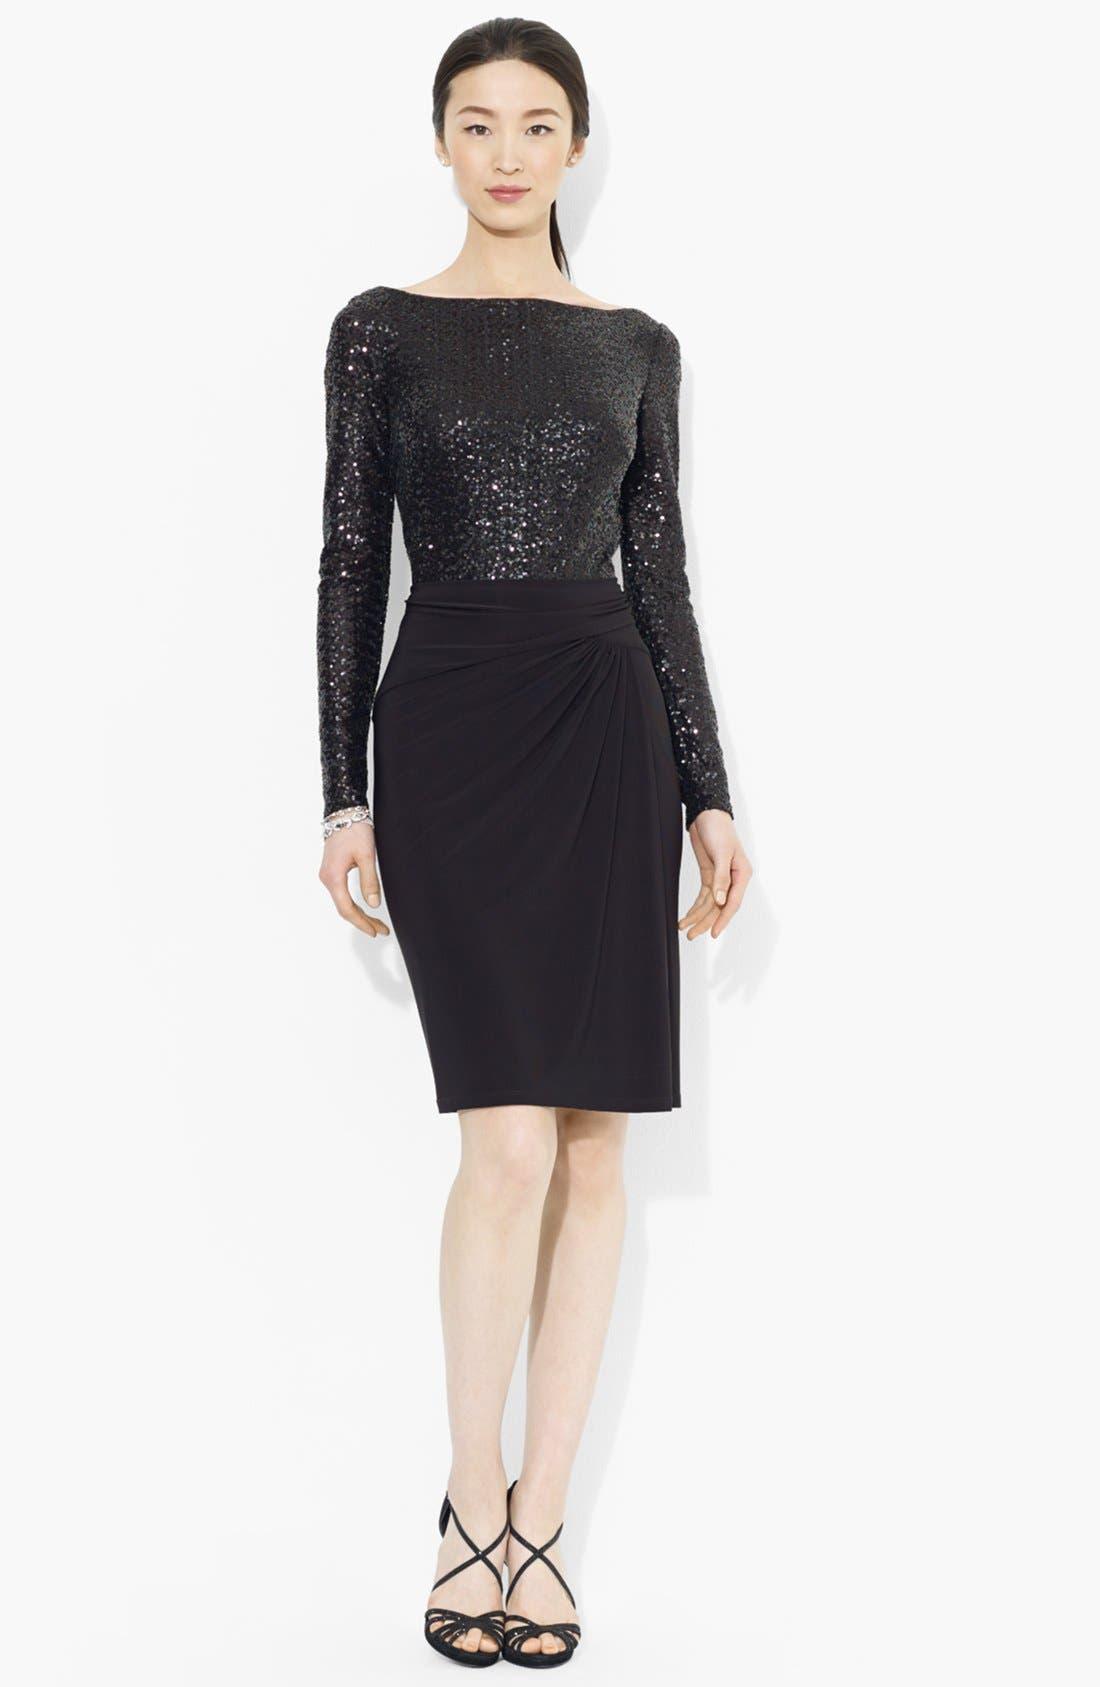 Alternate Image 1 Selected - Lauren Ralph Lauren Sequin Bodice Jersey Dress